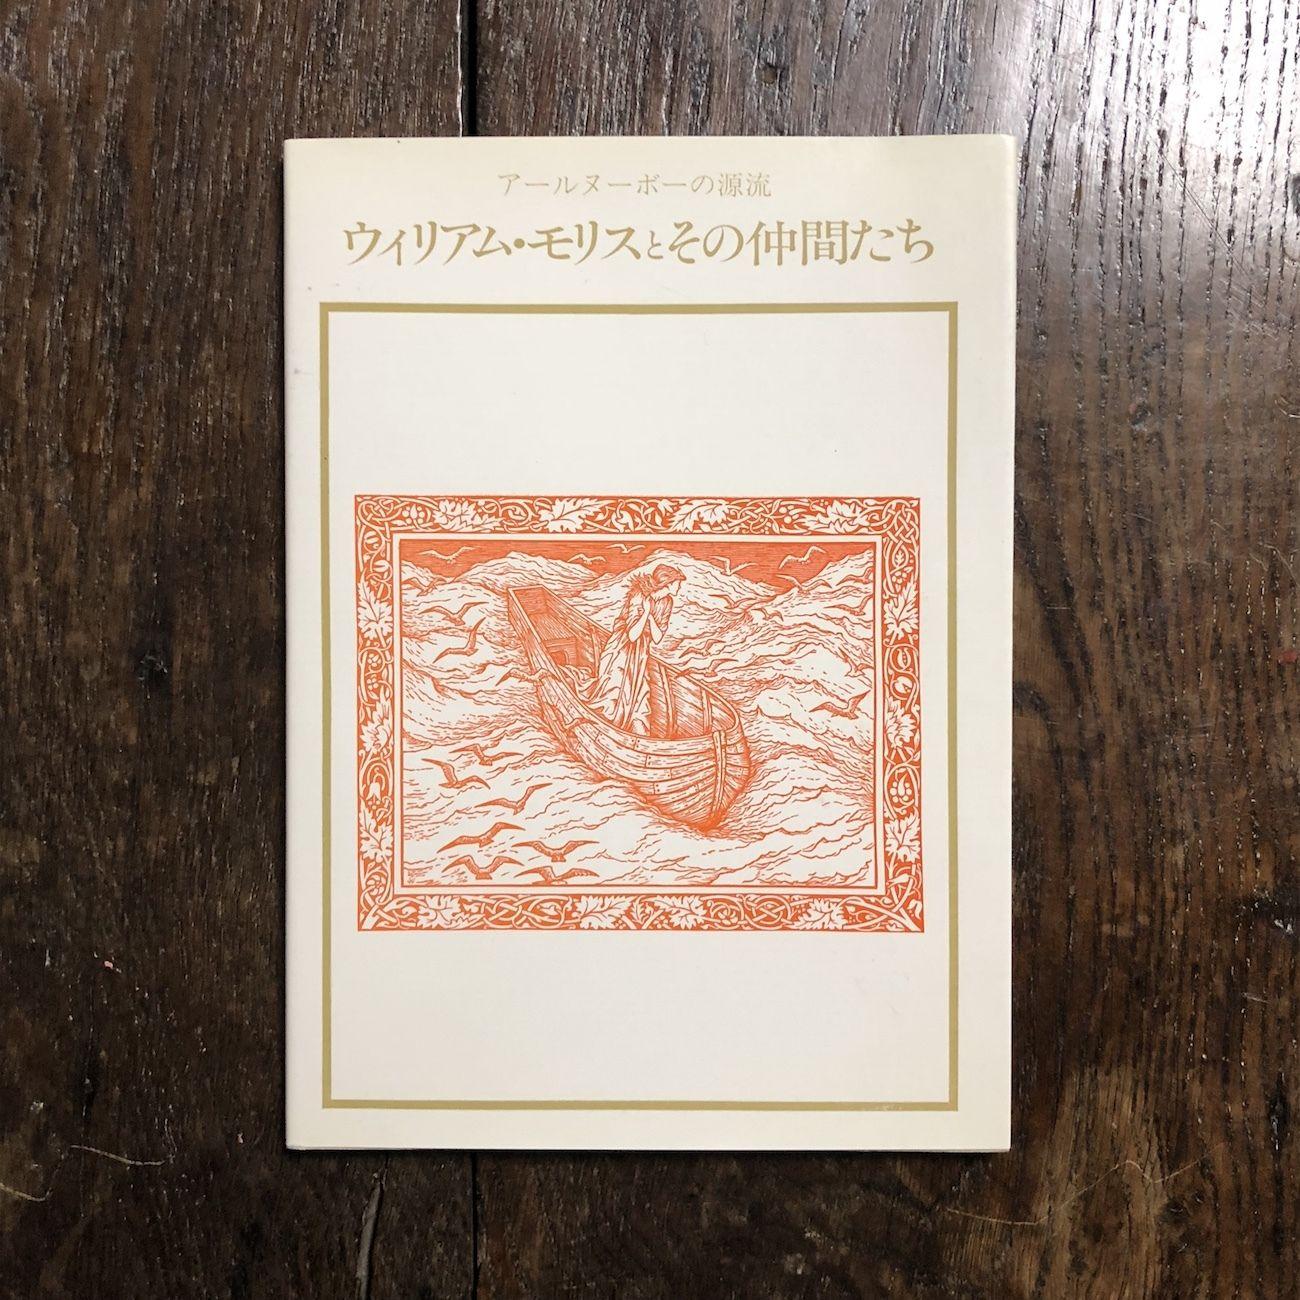 「アール・ヌーボーの源流 ウィリアム・モリスとその仲間たち」岡田隆彦 編著